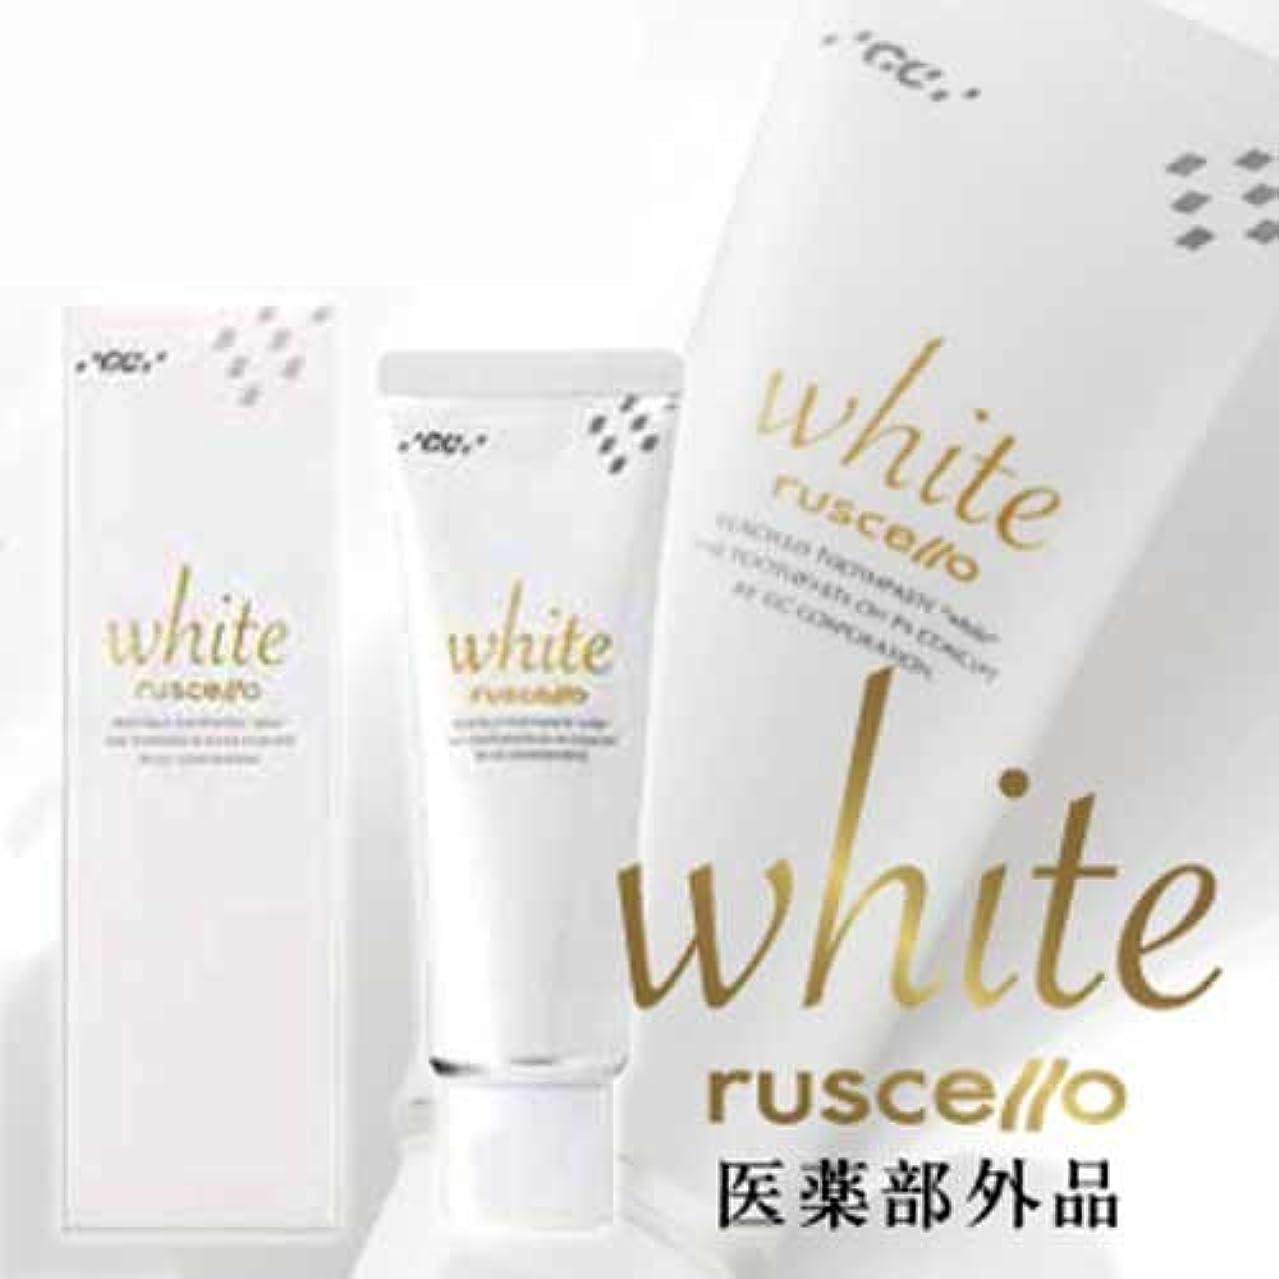 蒸留広範囲にスーパーマーケットGC ルシェロ歯磨きペースト ホワイト100g